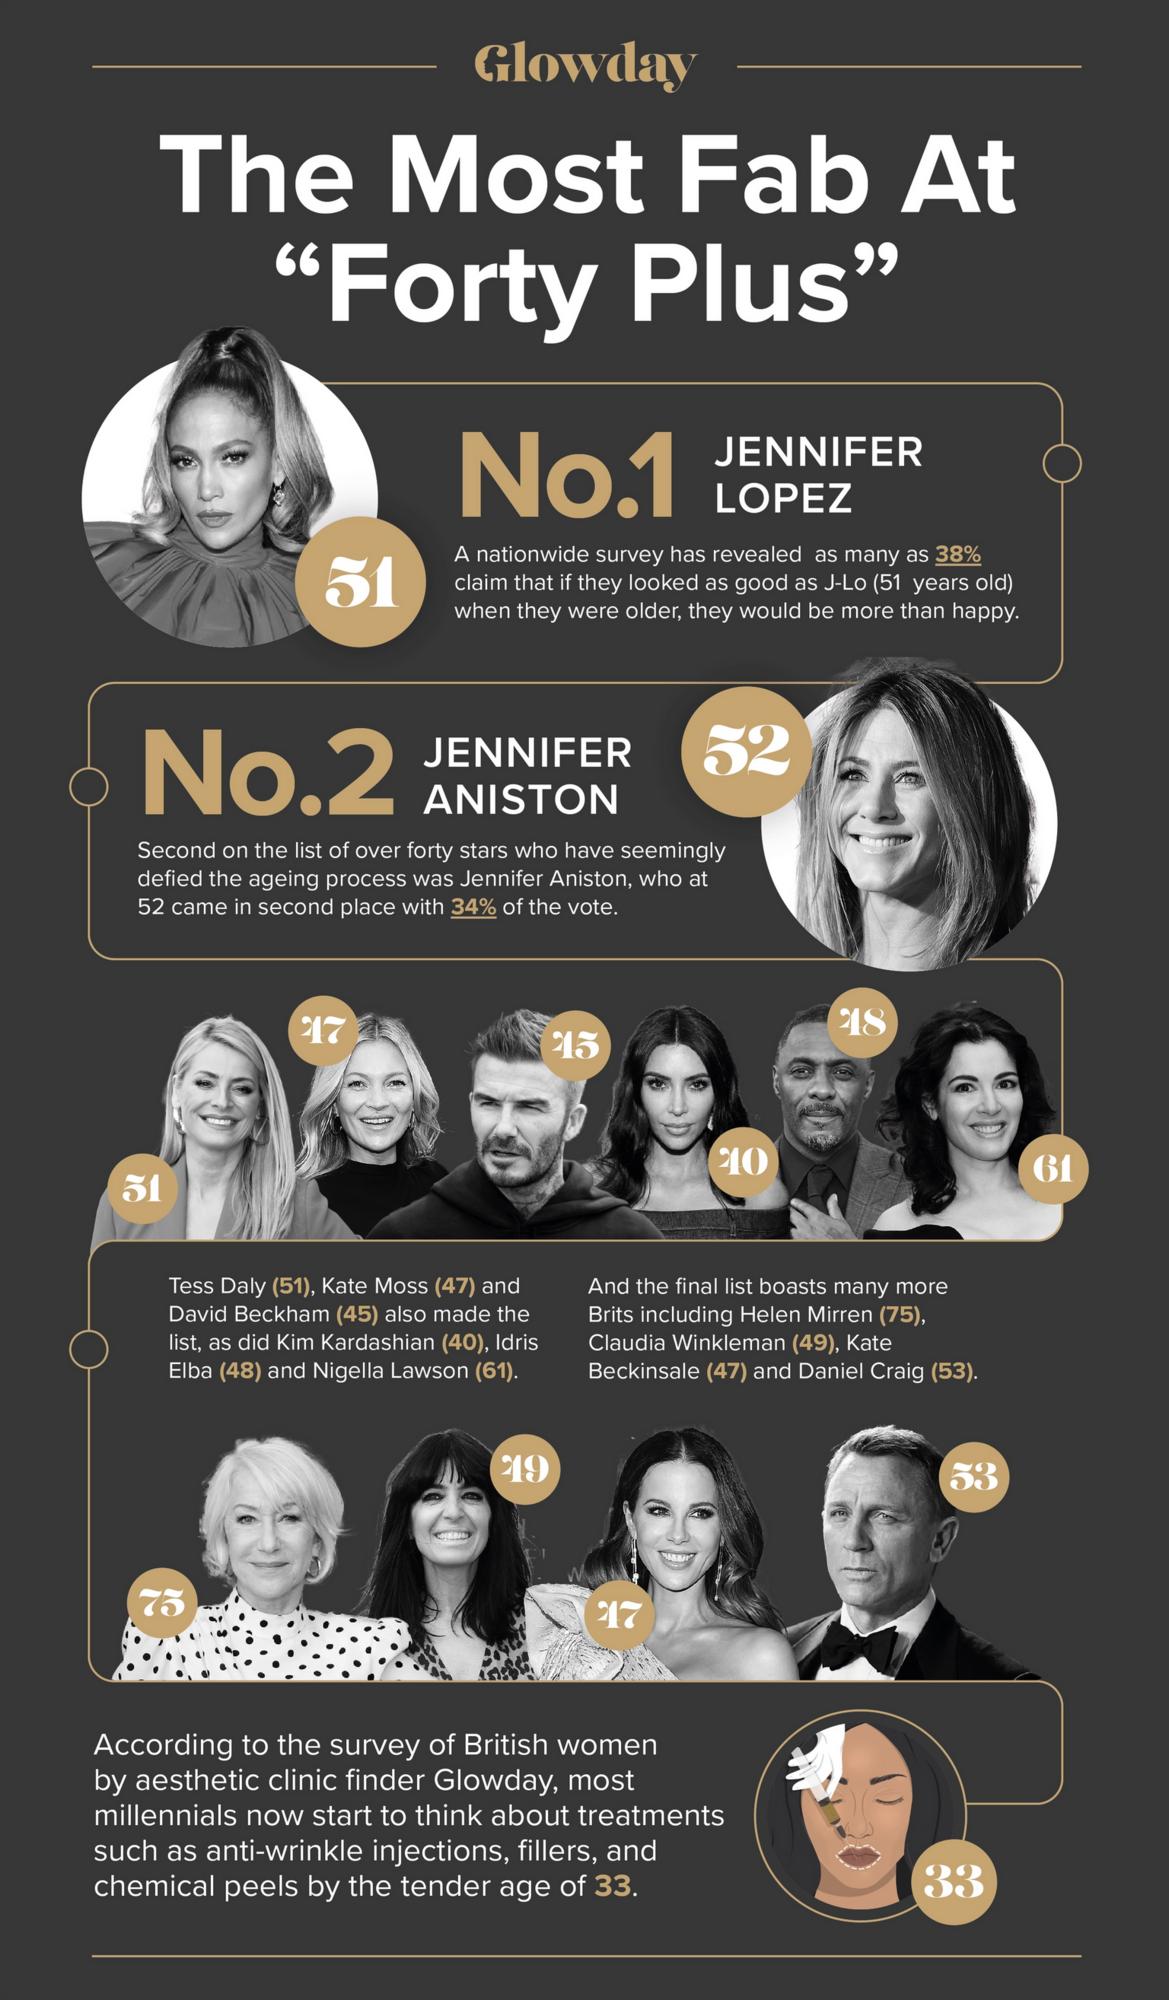 51-летняя американская певица Дженнифер Лопес возглавила рейтинг самых привлекательных знаменитостей